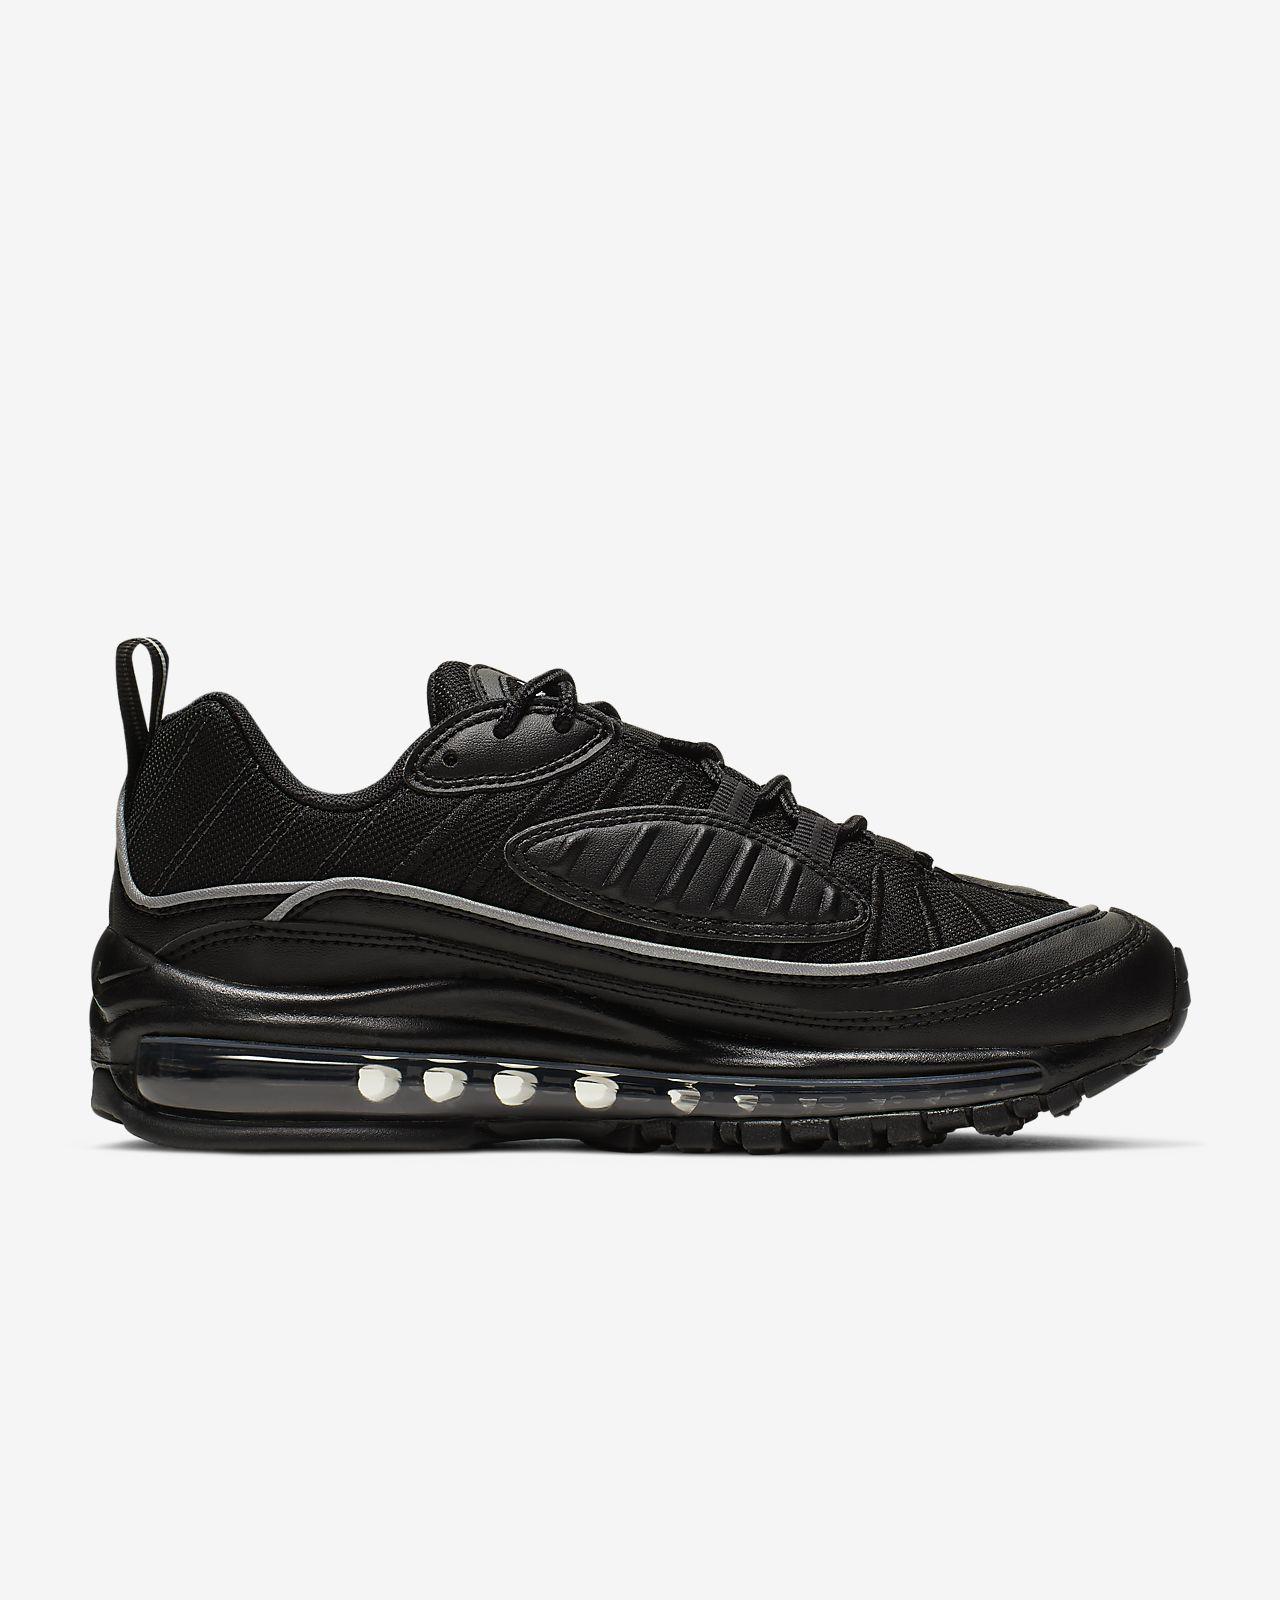 Nike Air Max 98 Women's Shoe